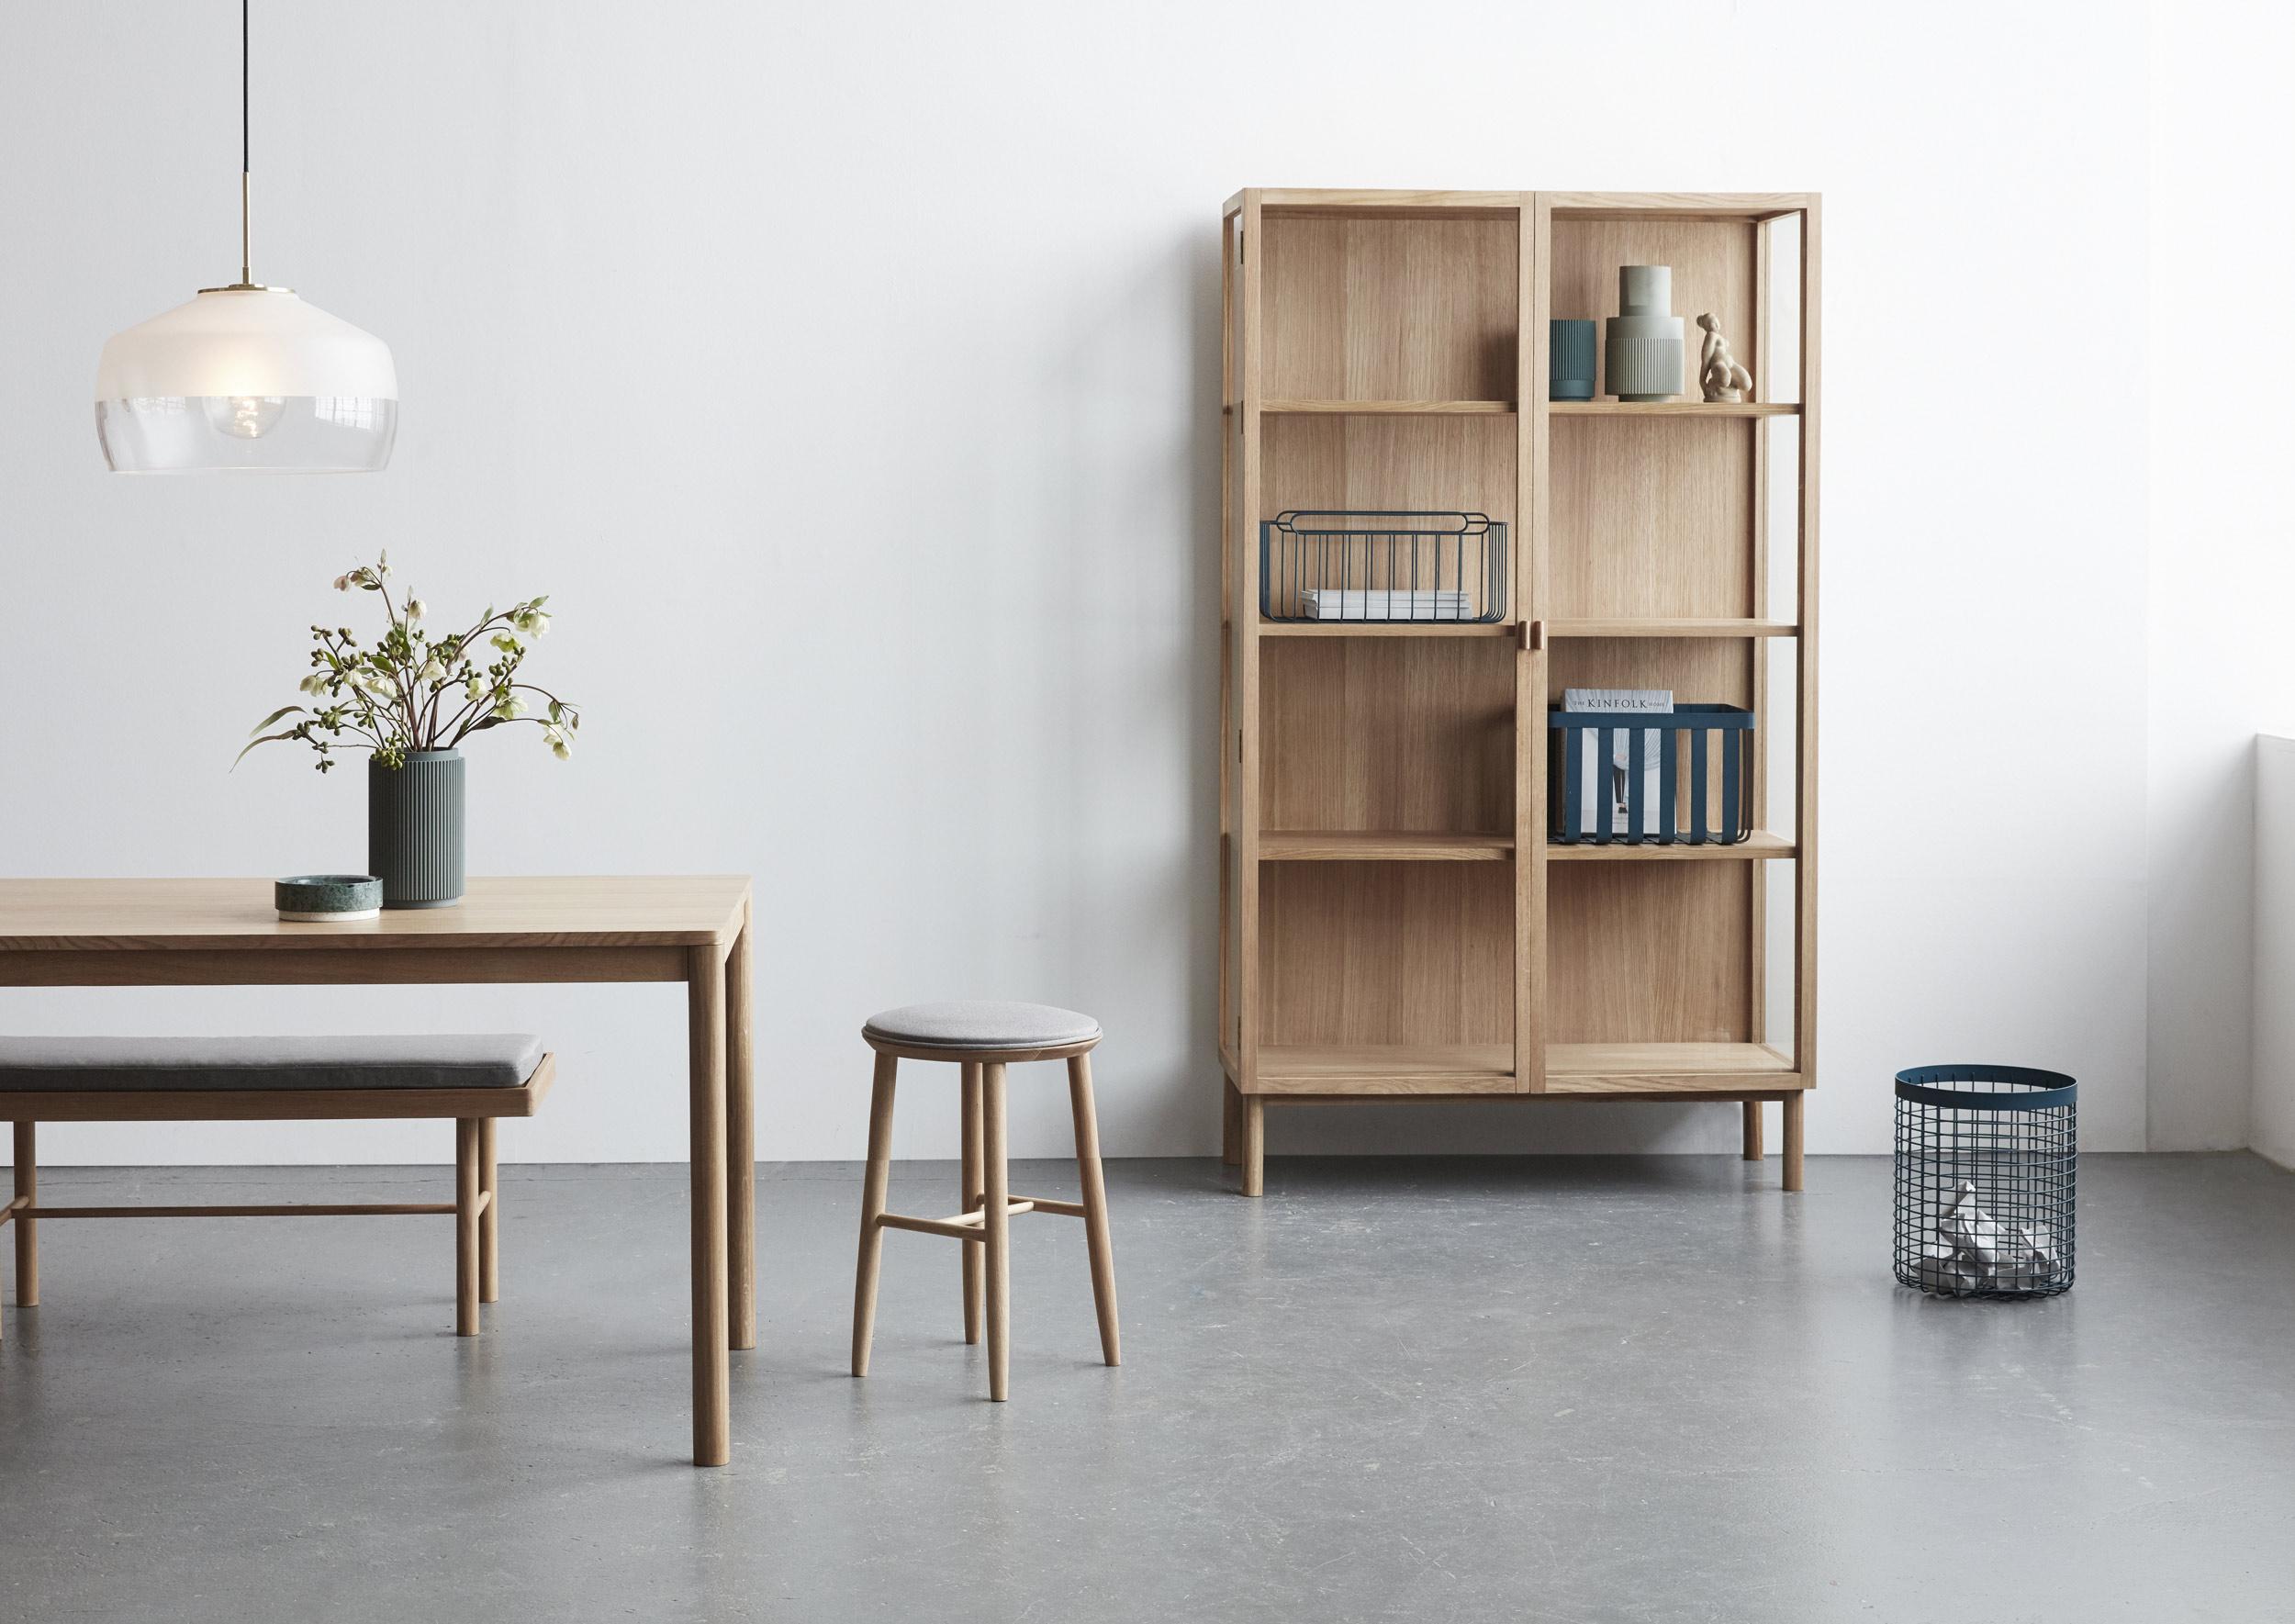 Ambiance Hübsch, mobilier en bois de chêne décoration scandinave style danois